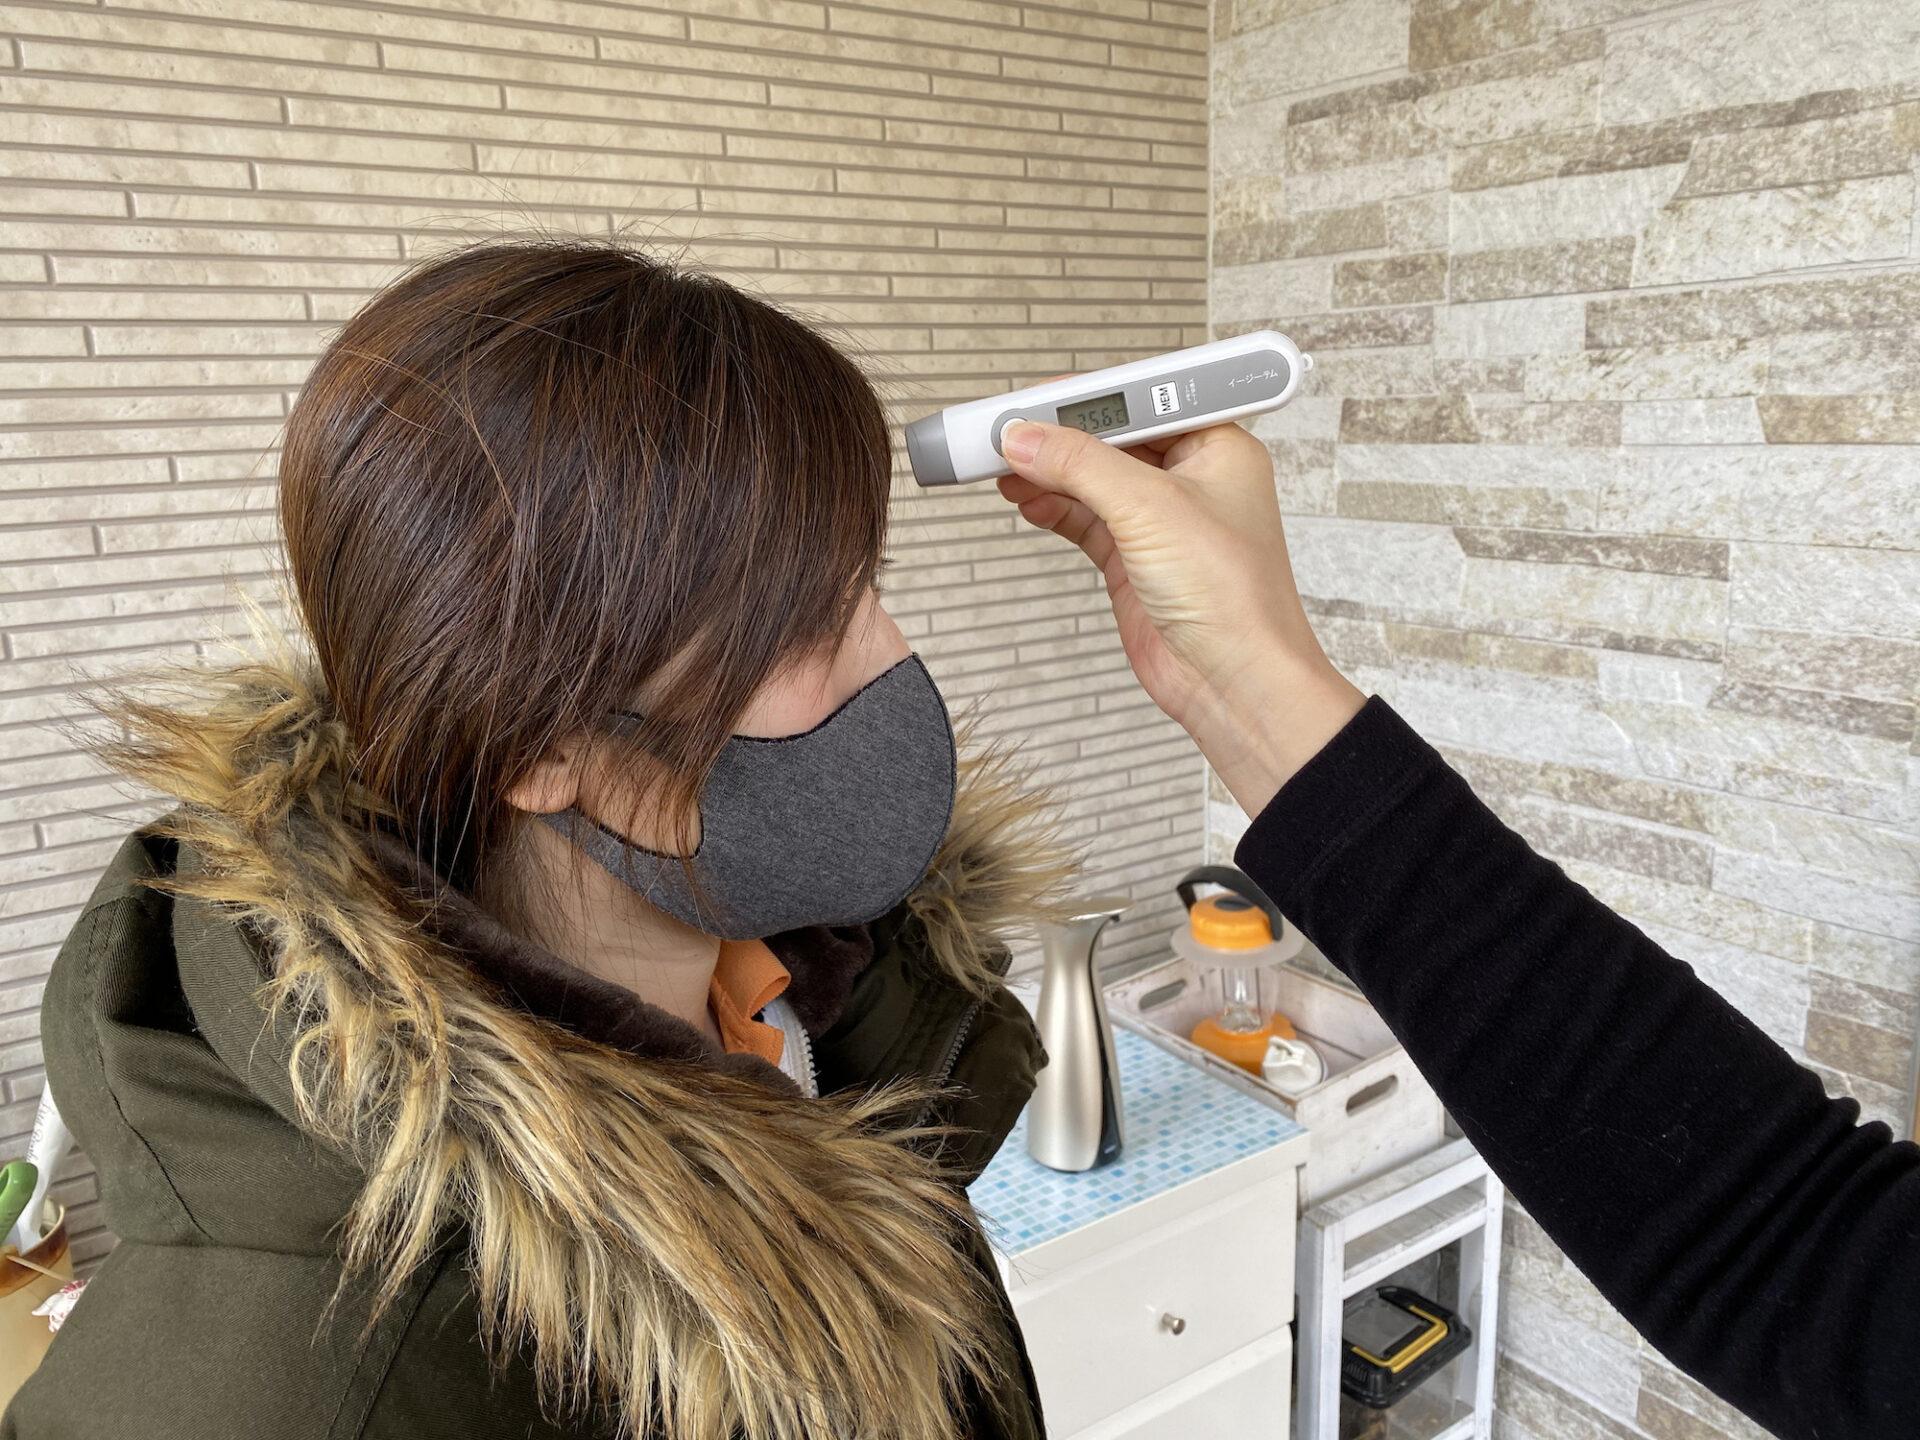 新型コロナウィルス感染防止対策